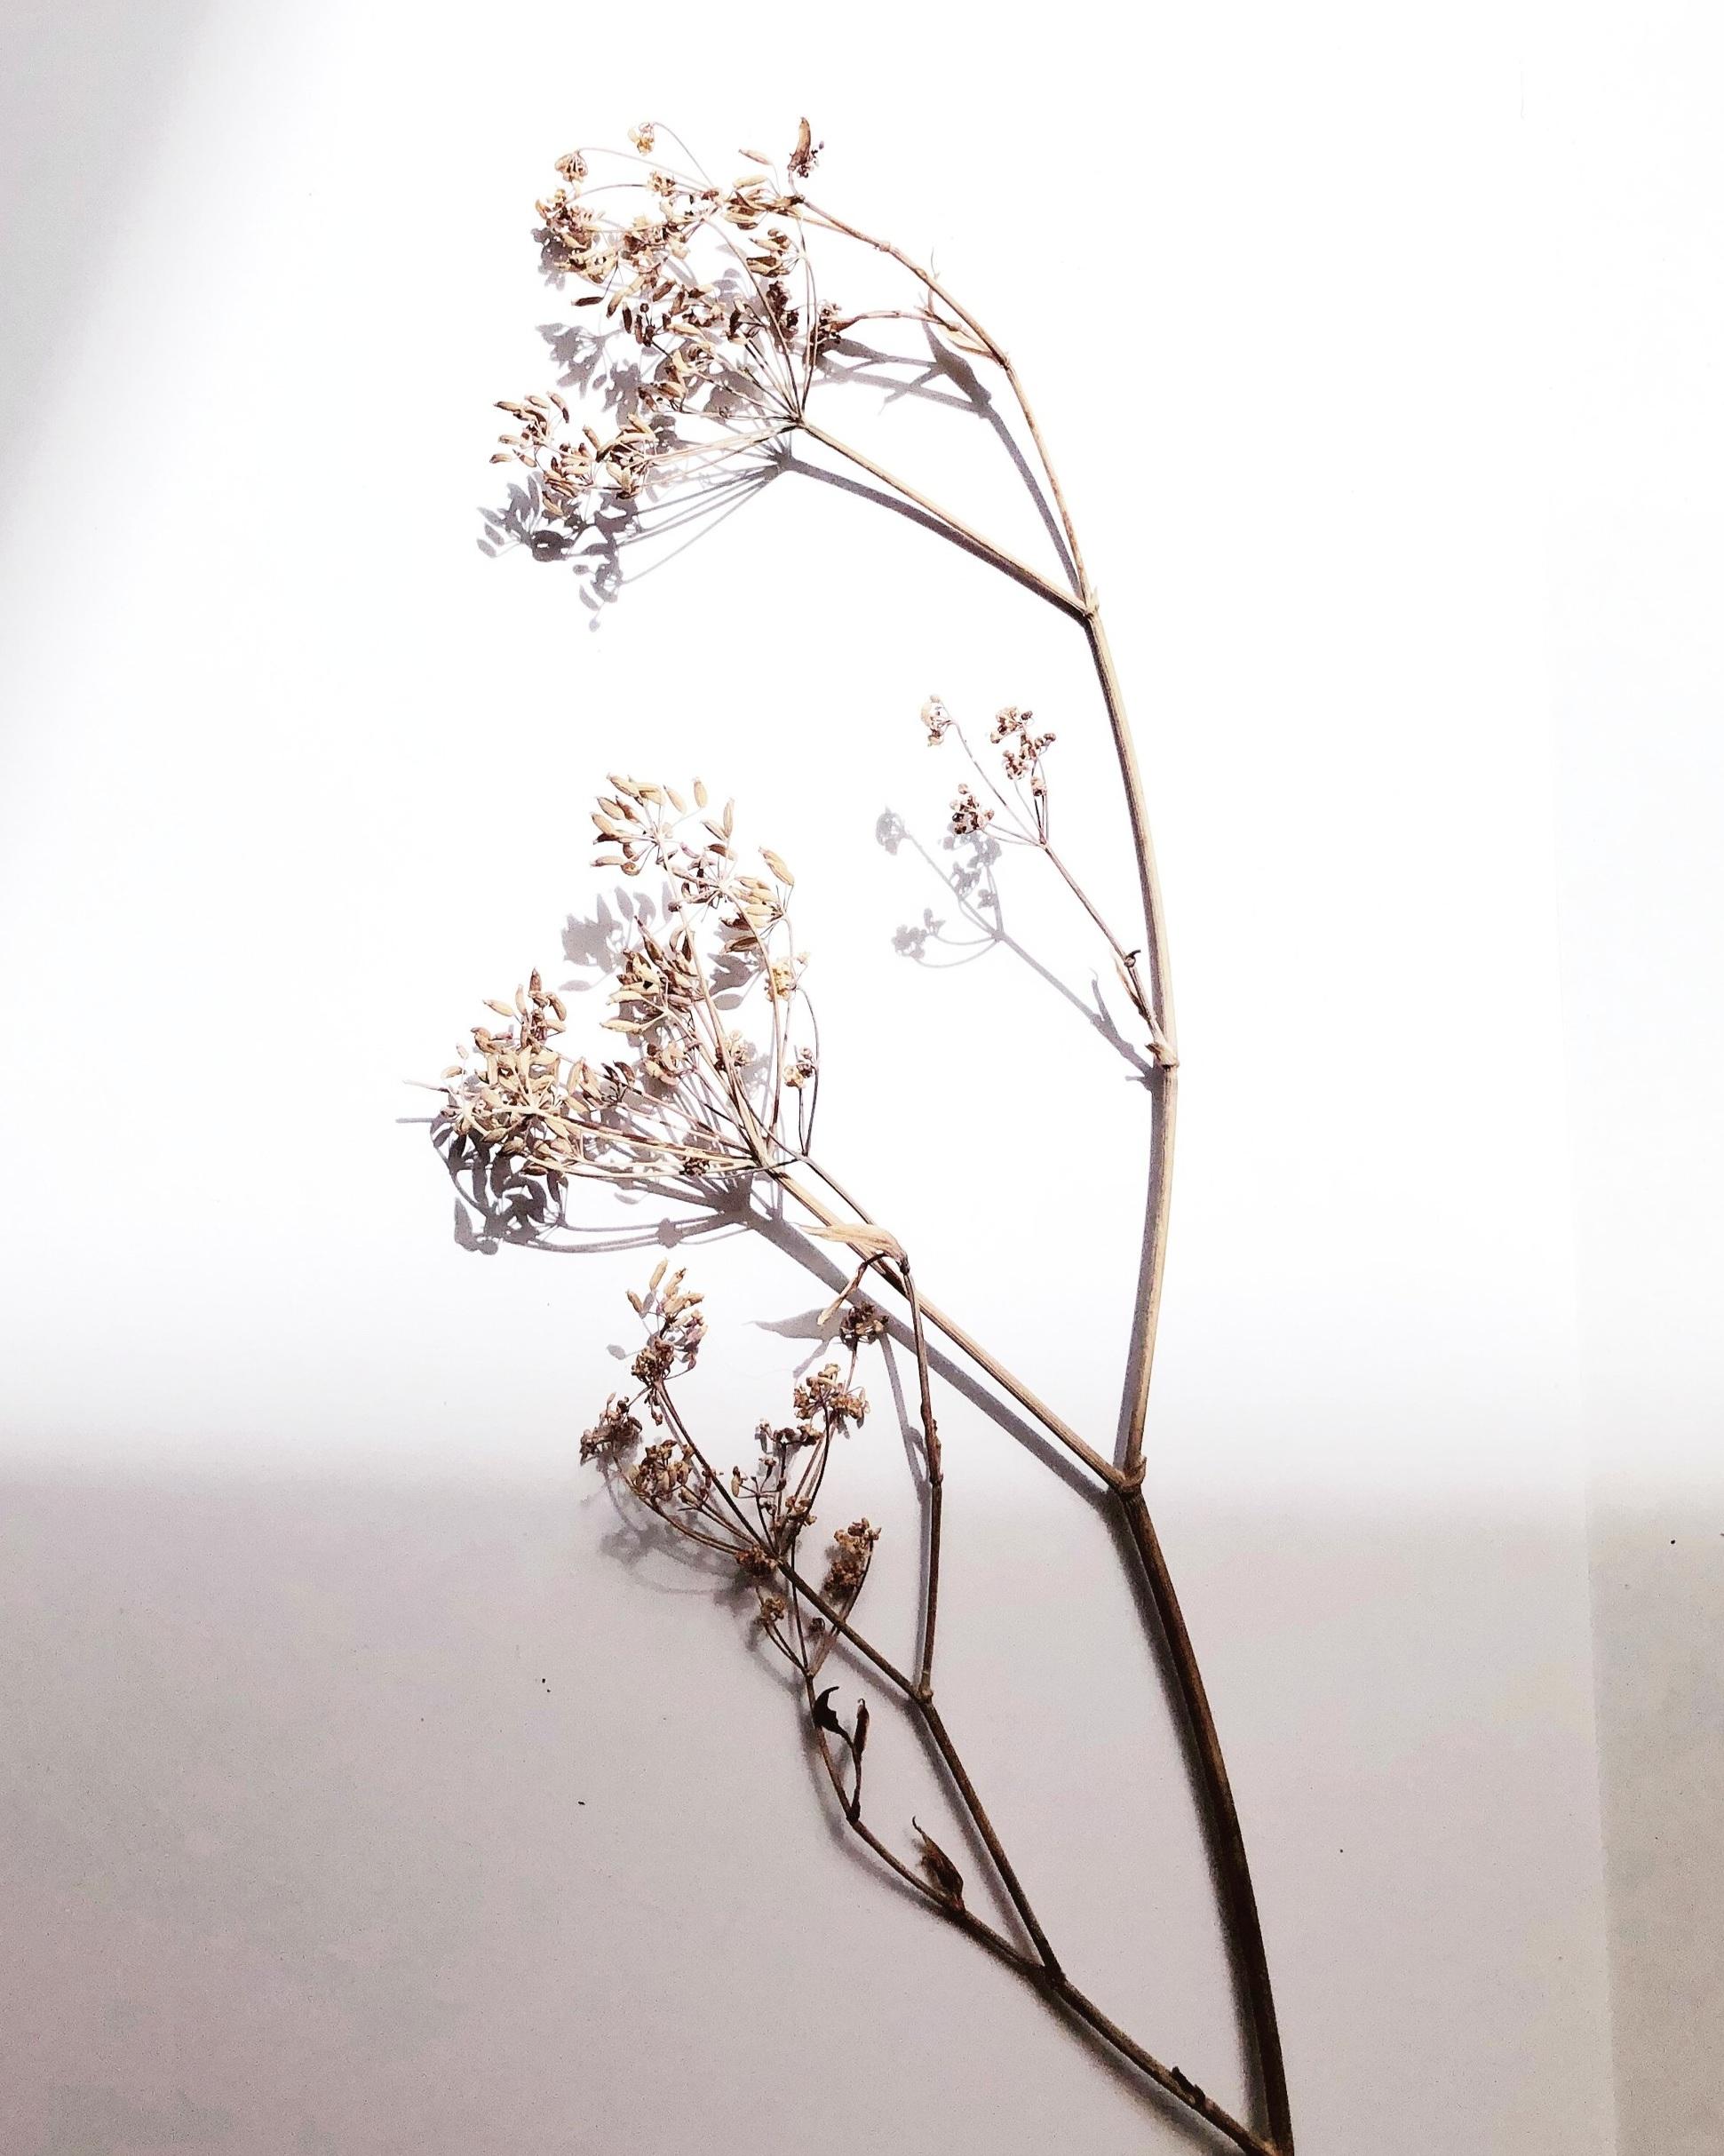 Kräuterwissen Fenchel Wildkräuter Heilpflanzen sammeln